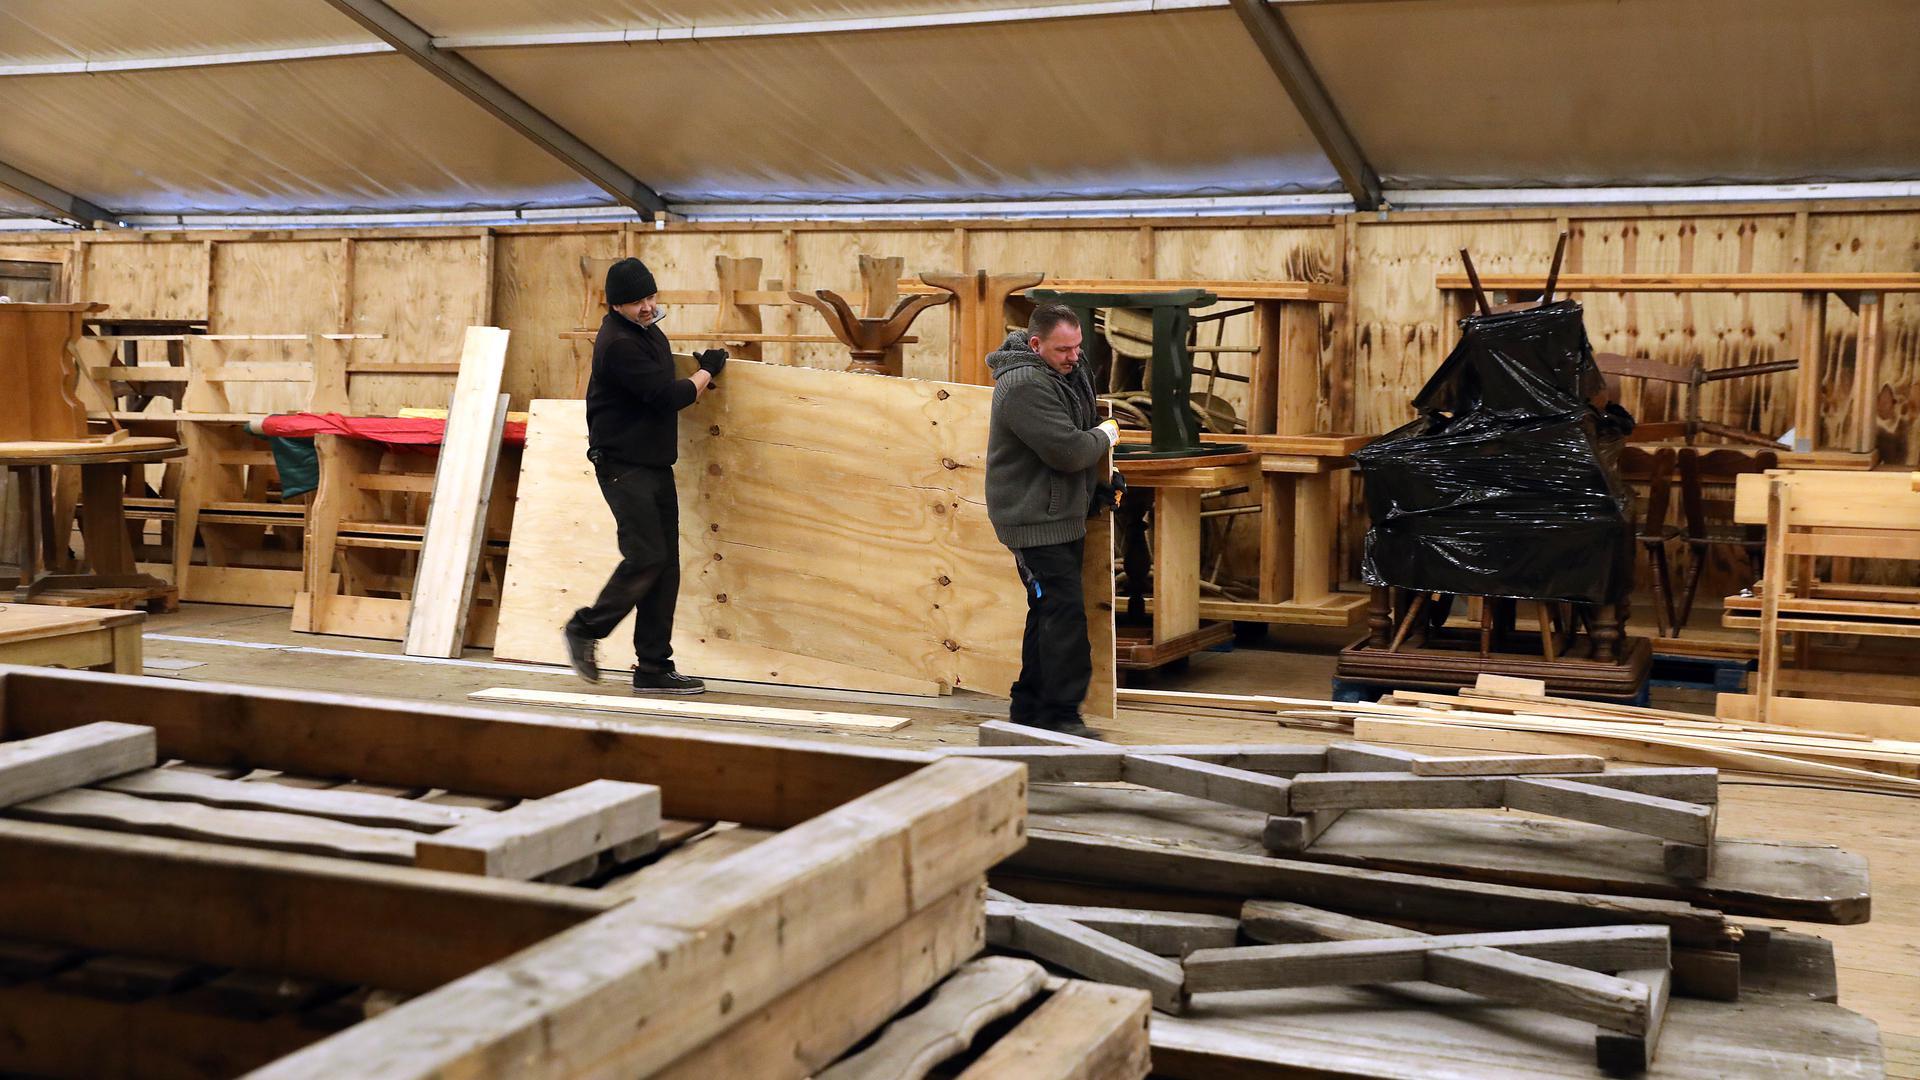 Abbau des Skandidorf-Zeltes aus dem Karlsruher Messplatz